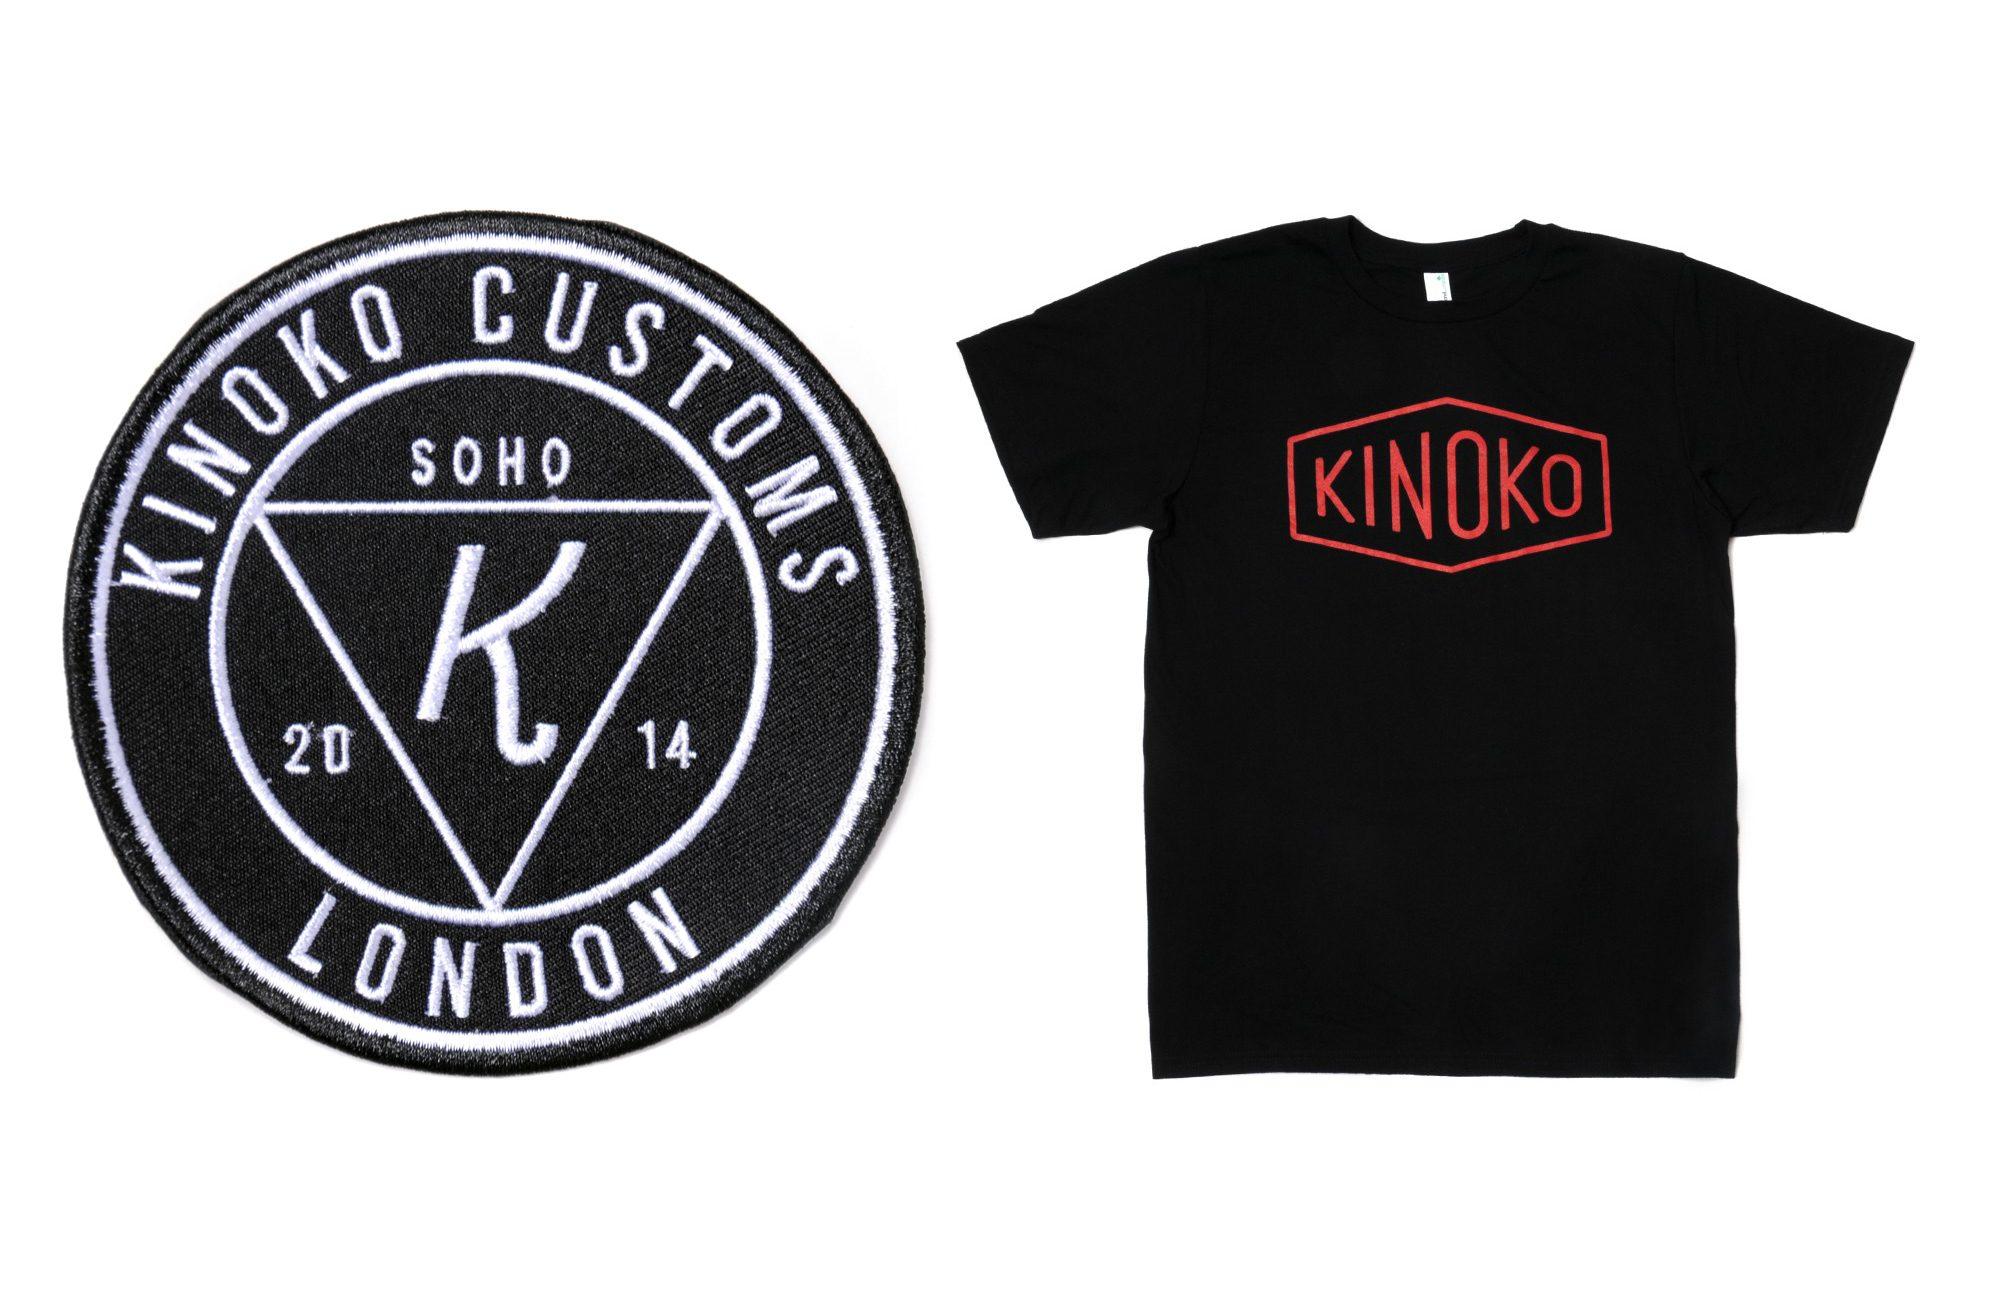 Kinoko-Goods